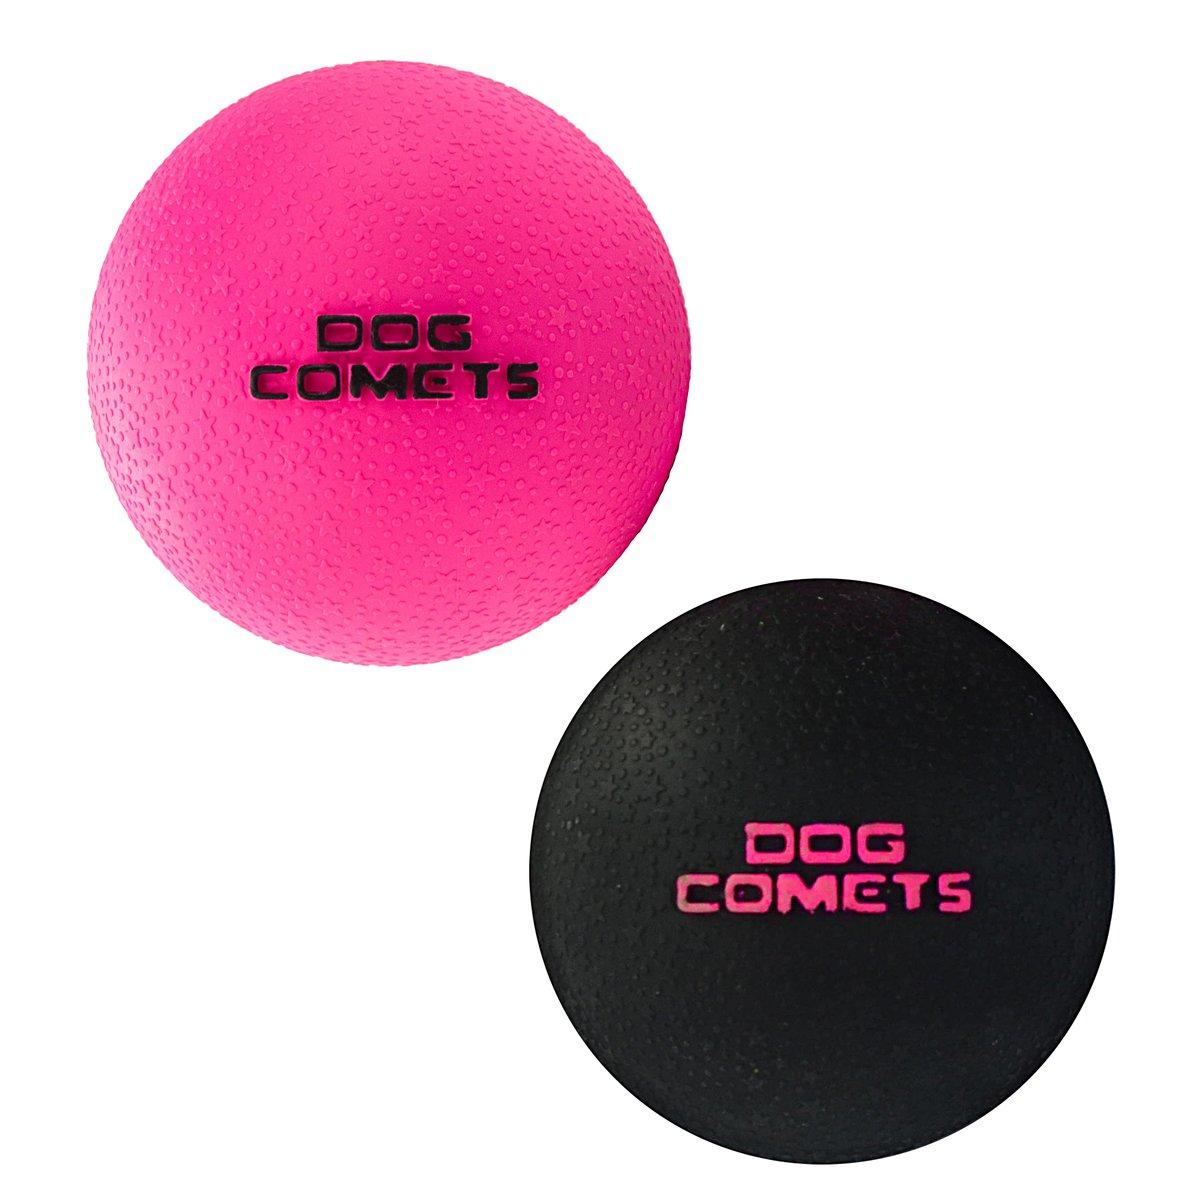 Afbeelding van Dog Comets Ball Stardust roze 6cm